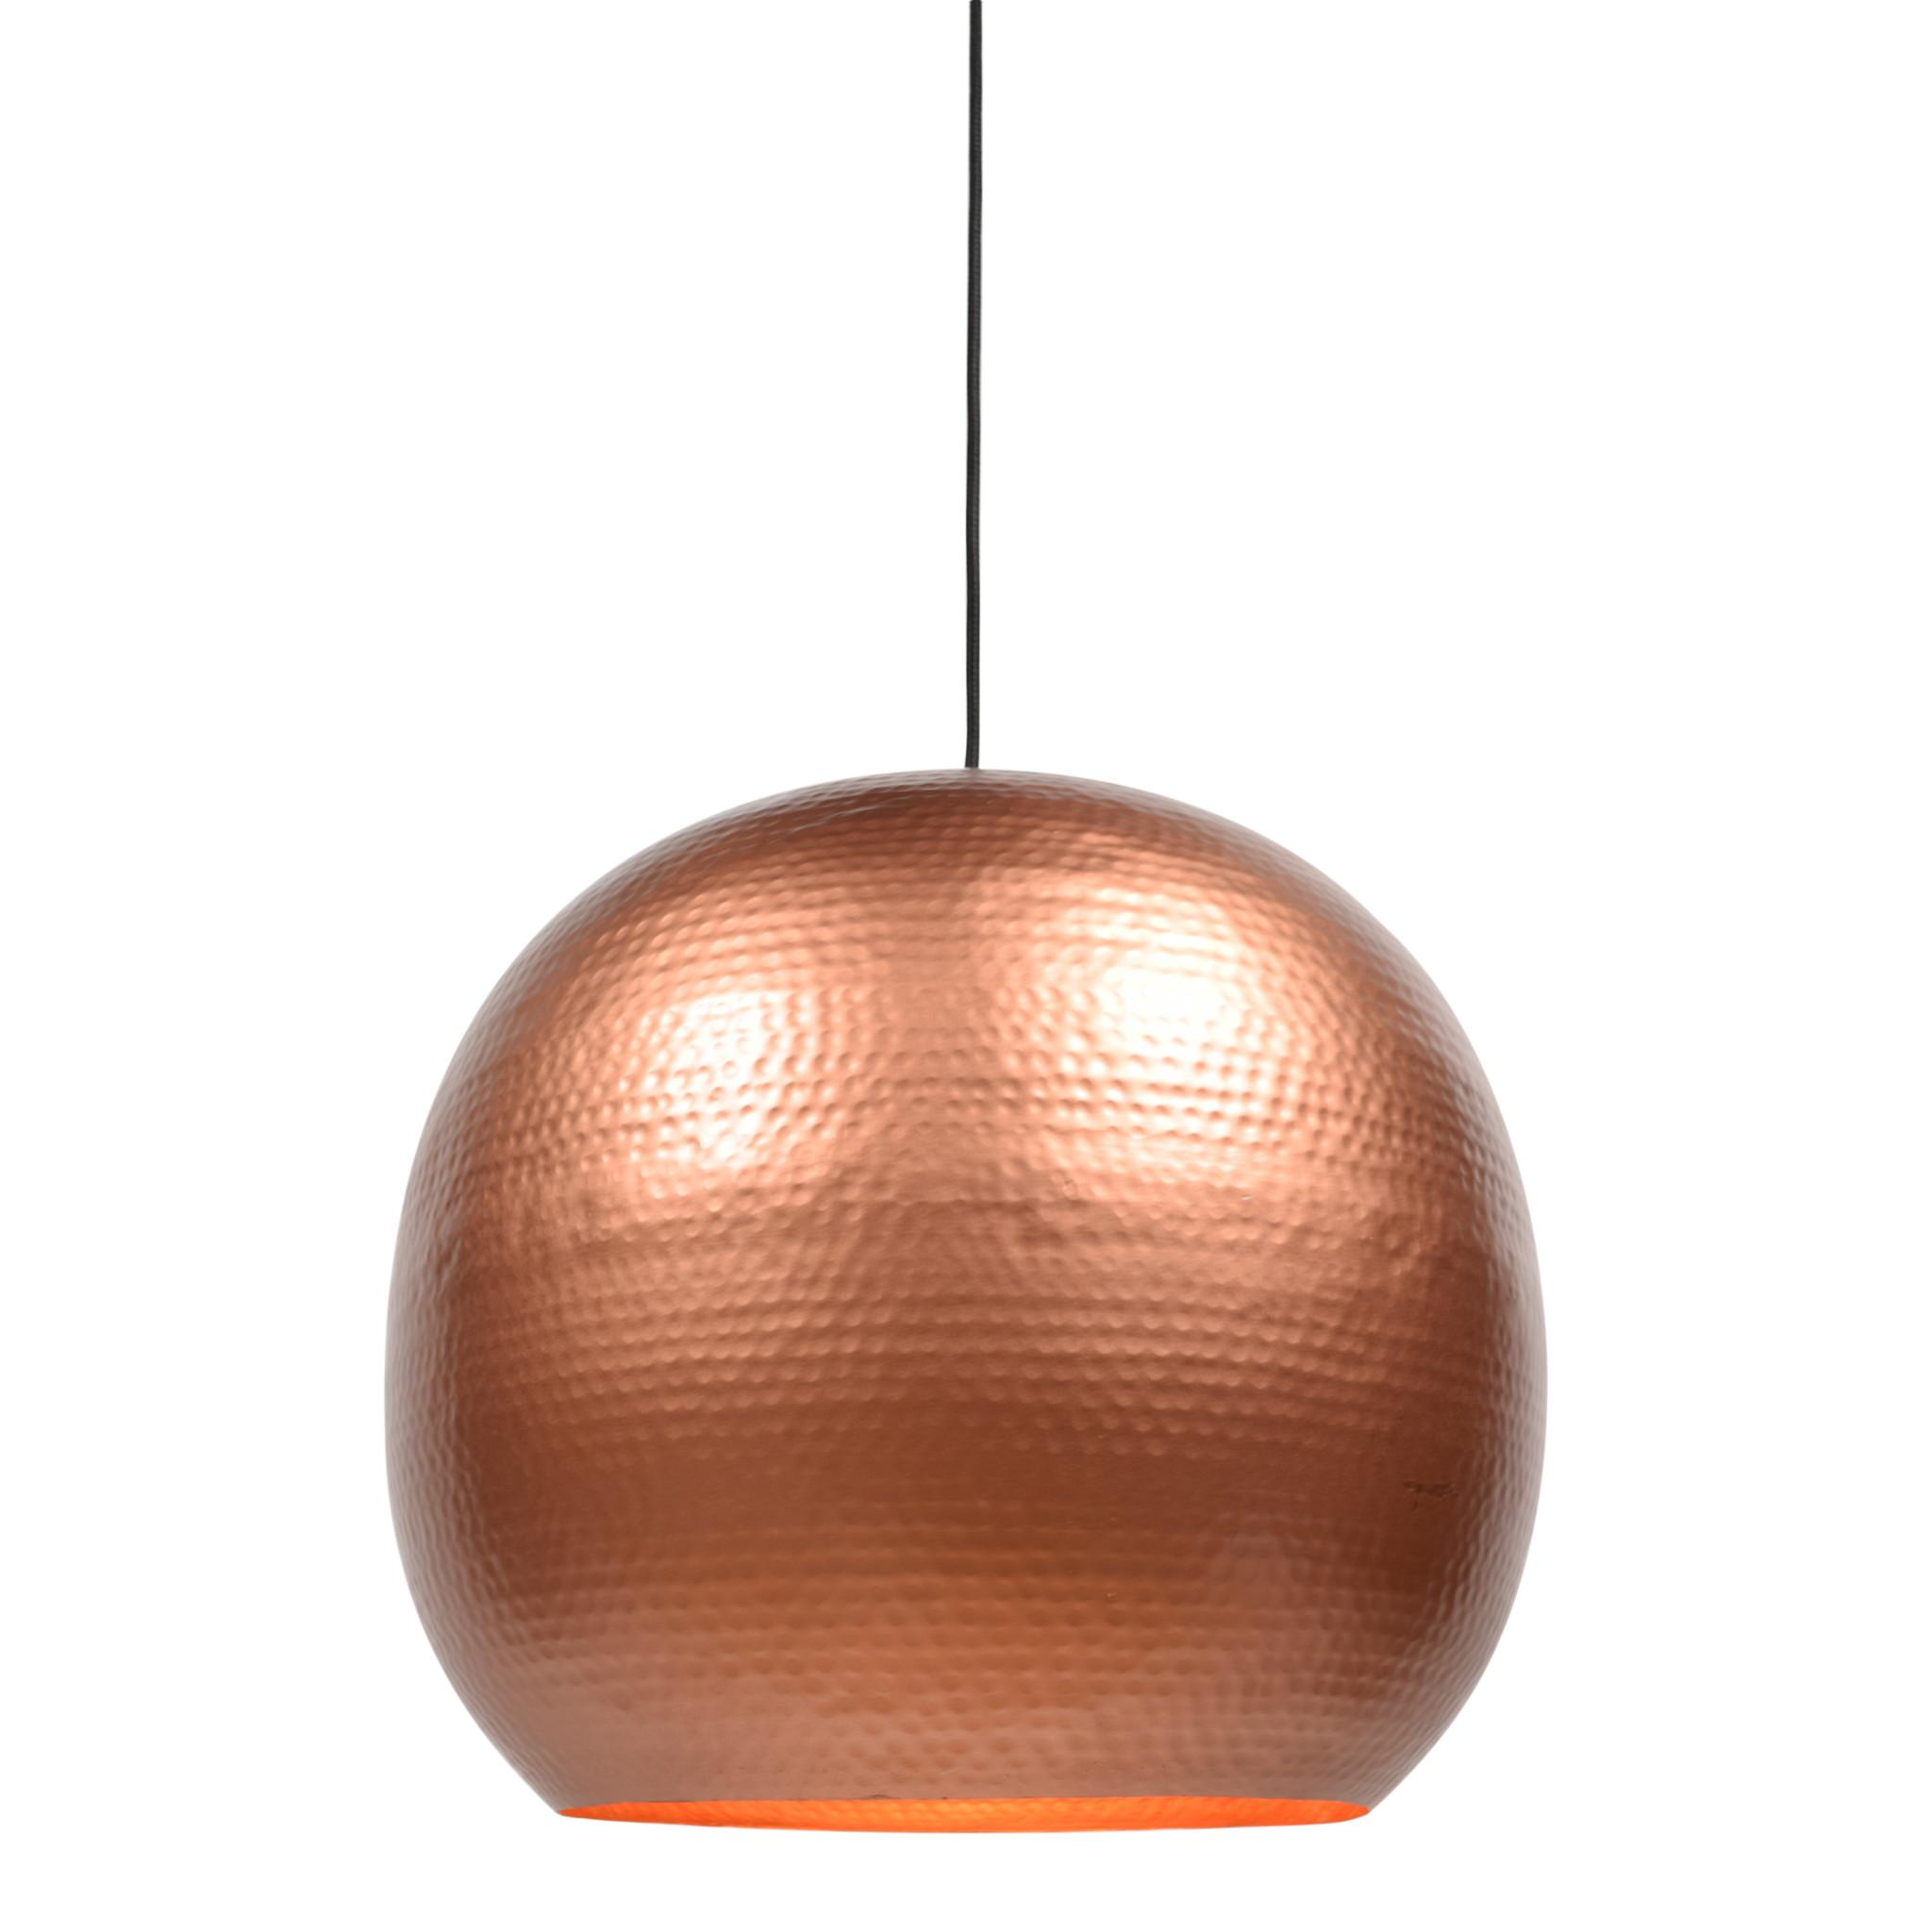 Urban Interiors Urban Interiors Hanglamp Artisan XL ø40cm Koper-AI-PL-007K-8718868314987